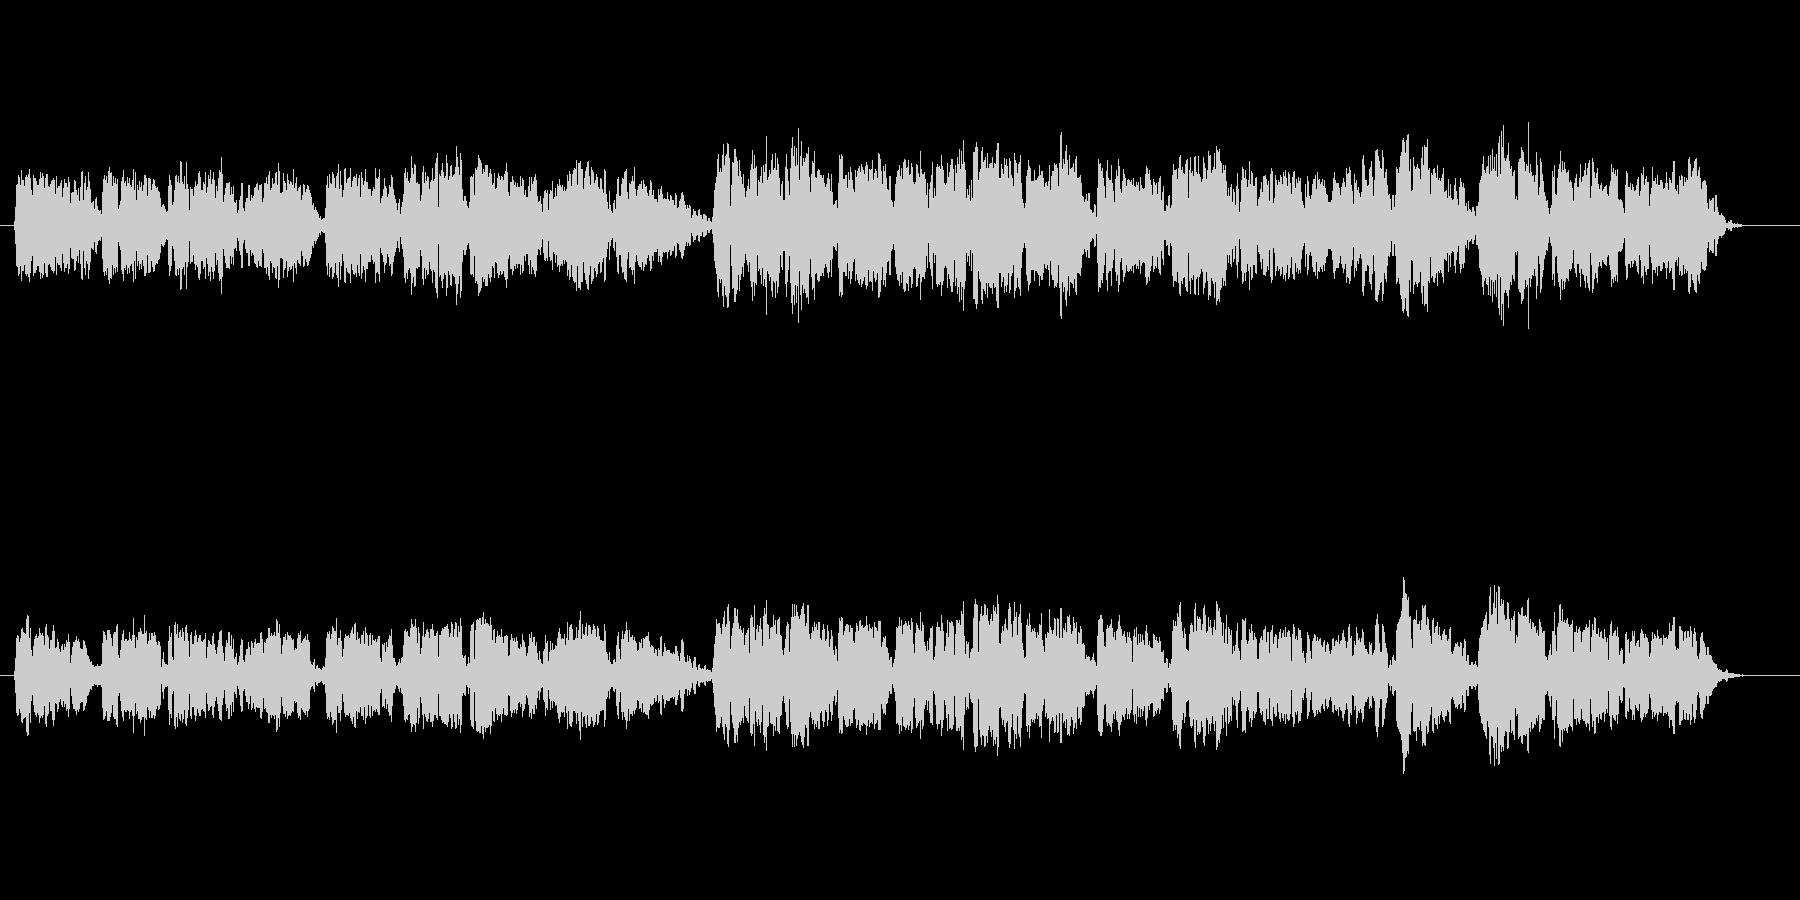 オーボエの音色が壮大な癒しミュージックの未再生の波形